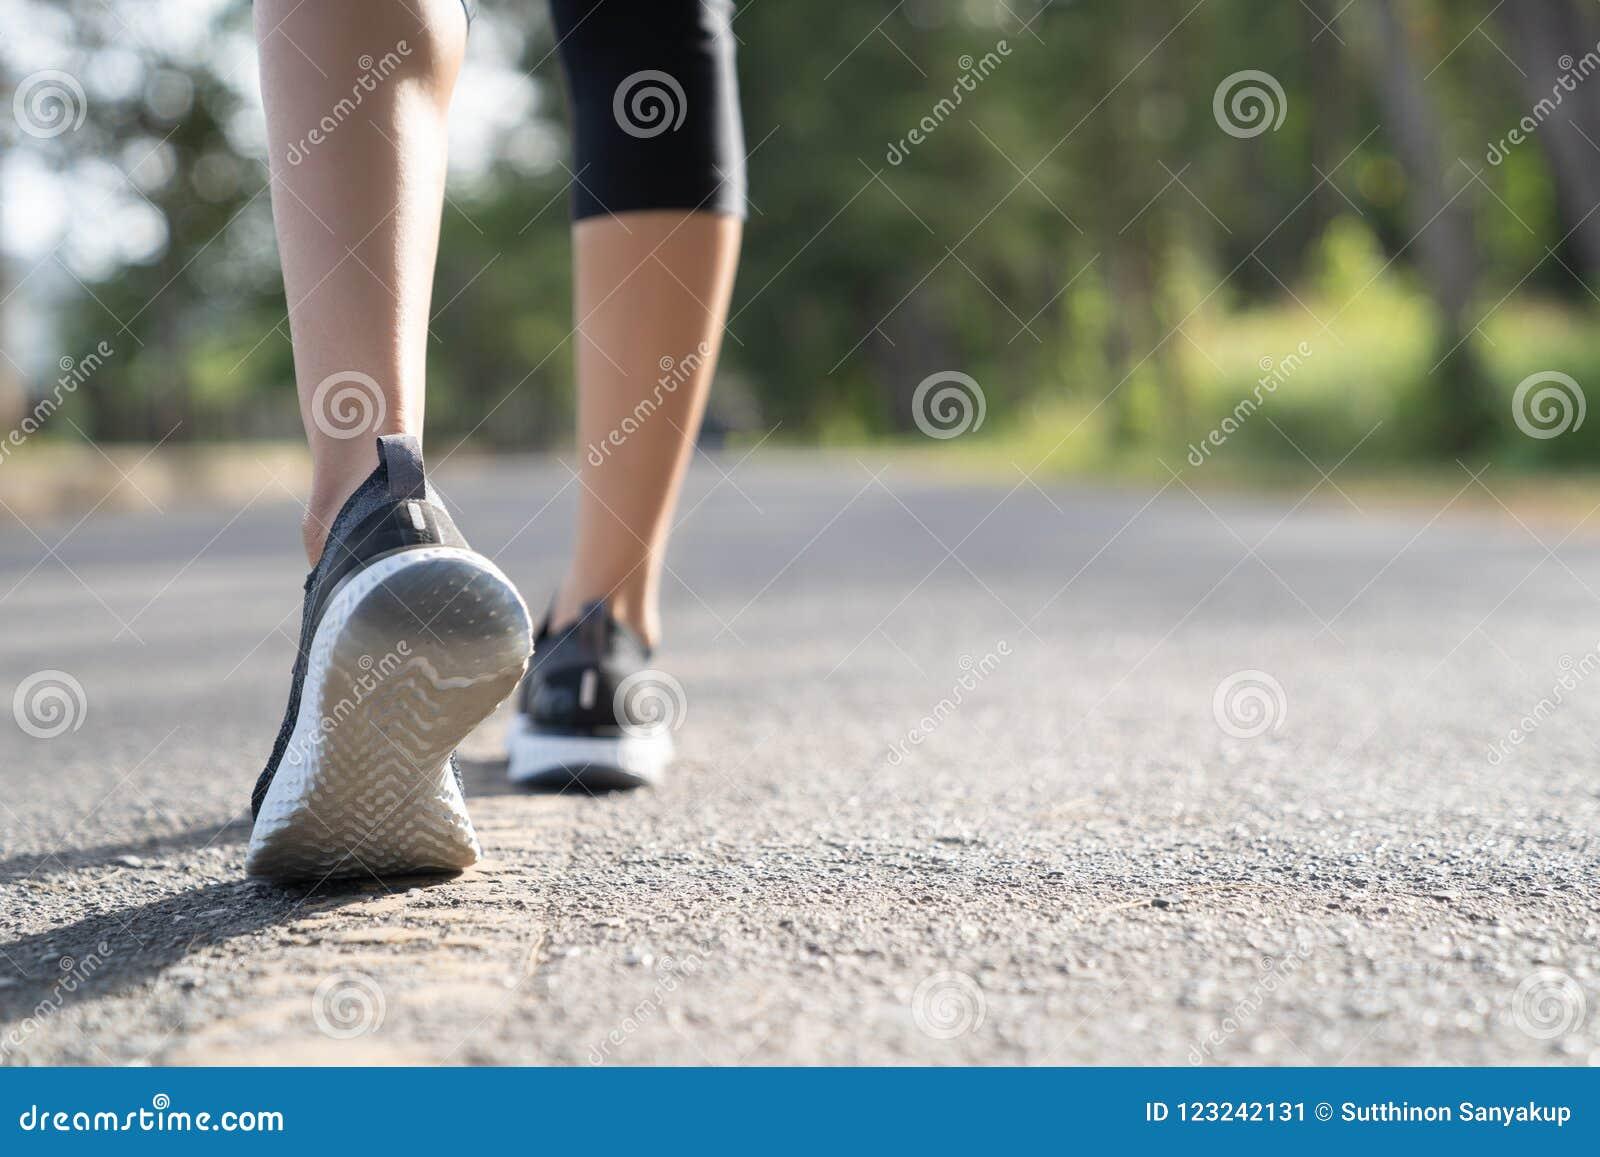 разминка женщины здоровья восхода солнца идущего ботинка бегунка дороги jog пригодности ног принципиальной схемы крупного плана К